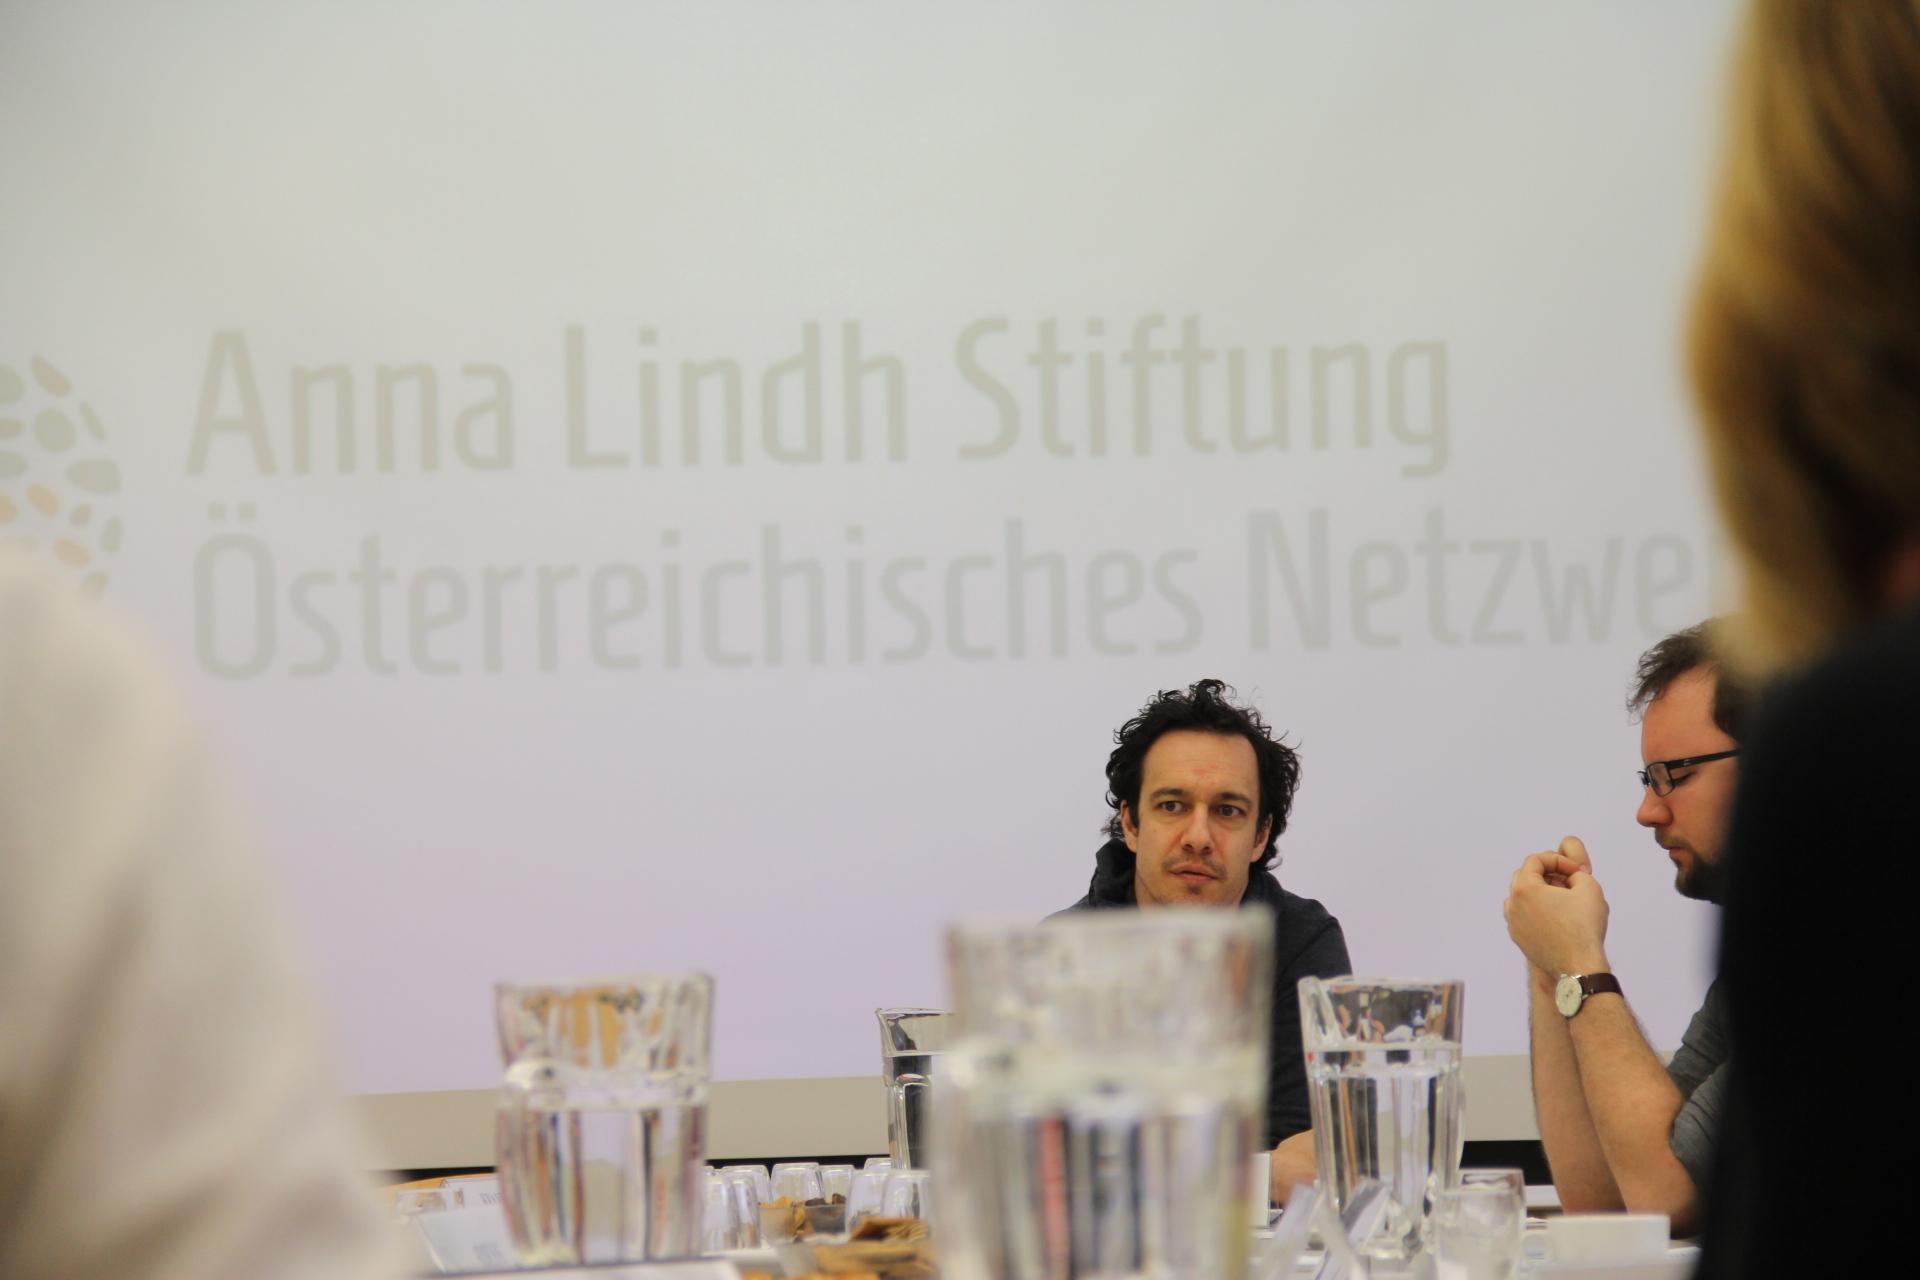 Interkultureller Dialog im Lichte einer zunehmenden Polarisierung – noch realisierbar?